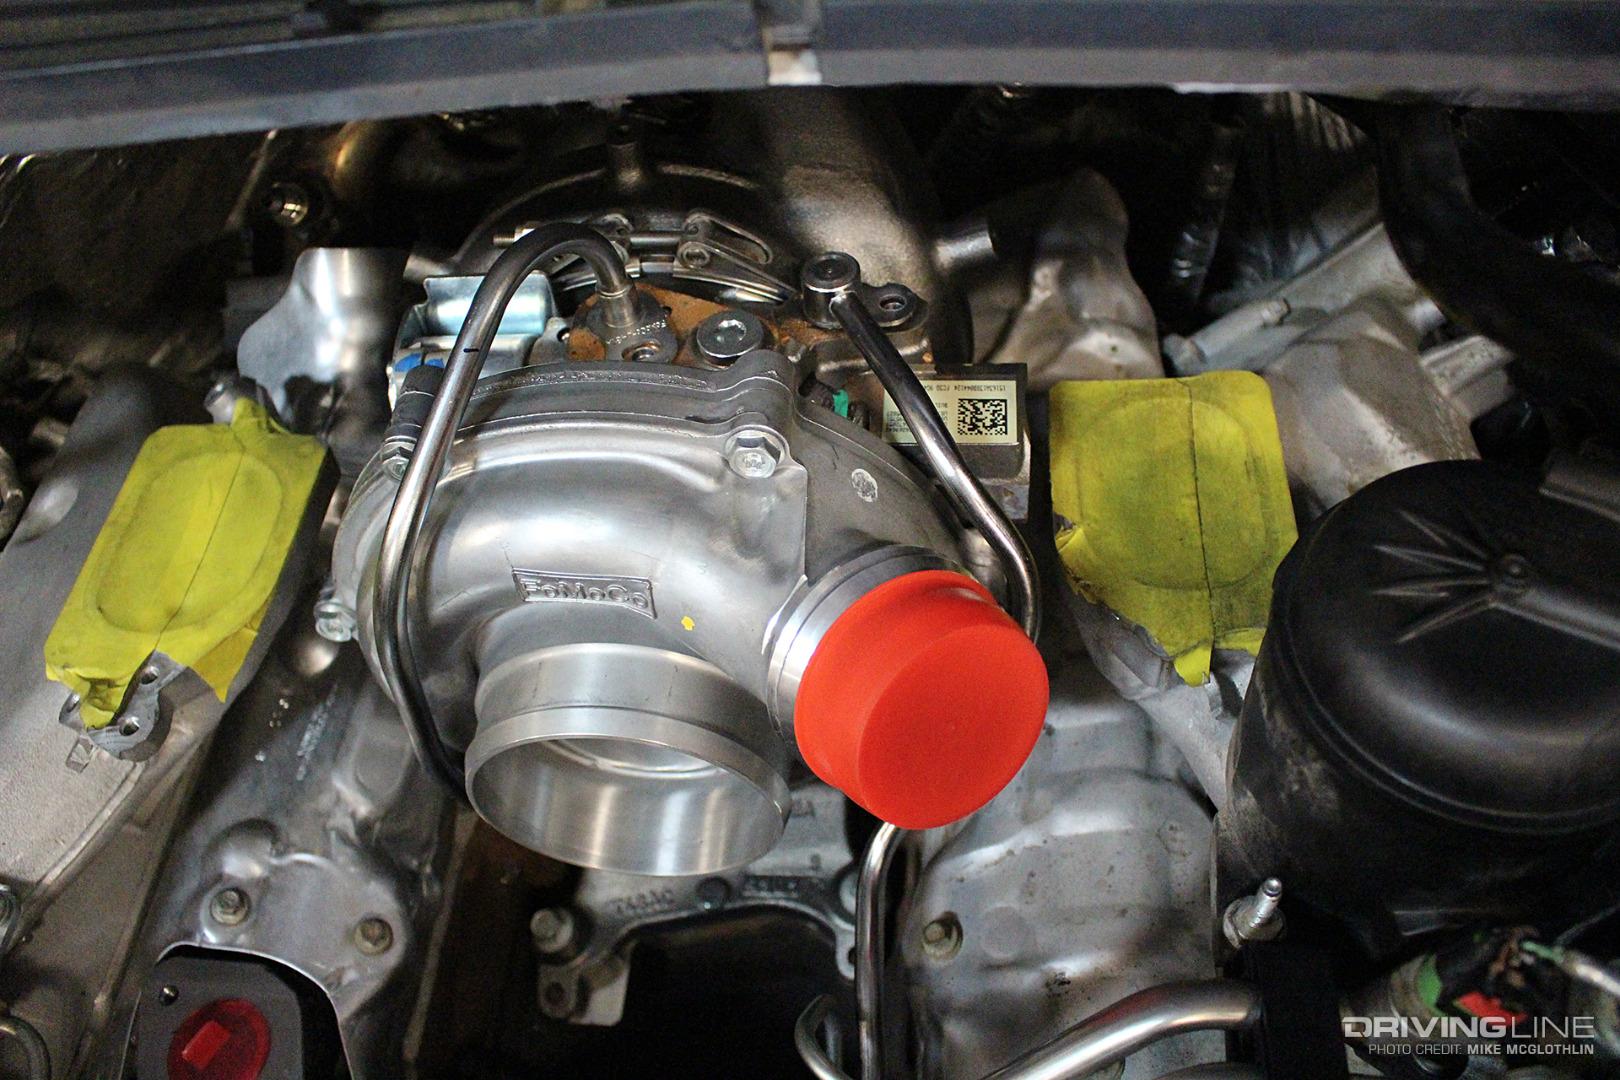 Budget Diesel Mods: 6 7L Power Stroke | DrivingLine